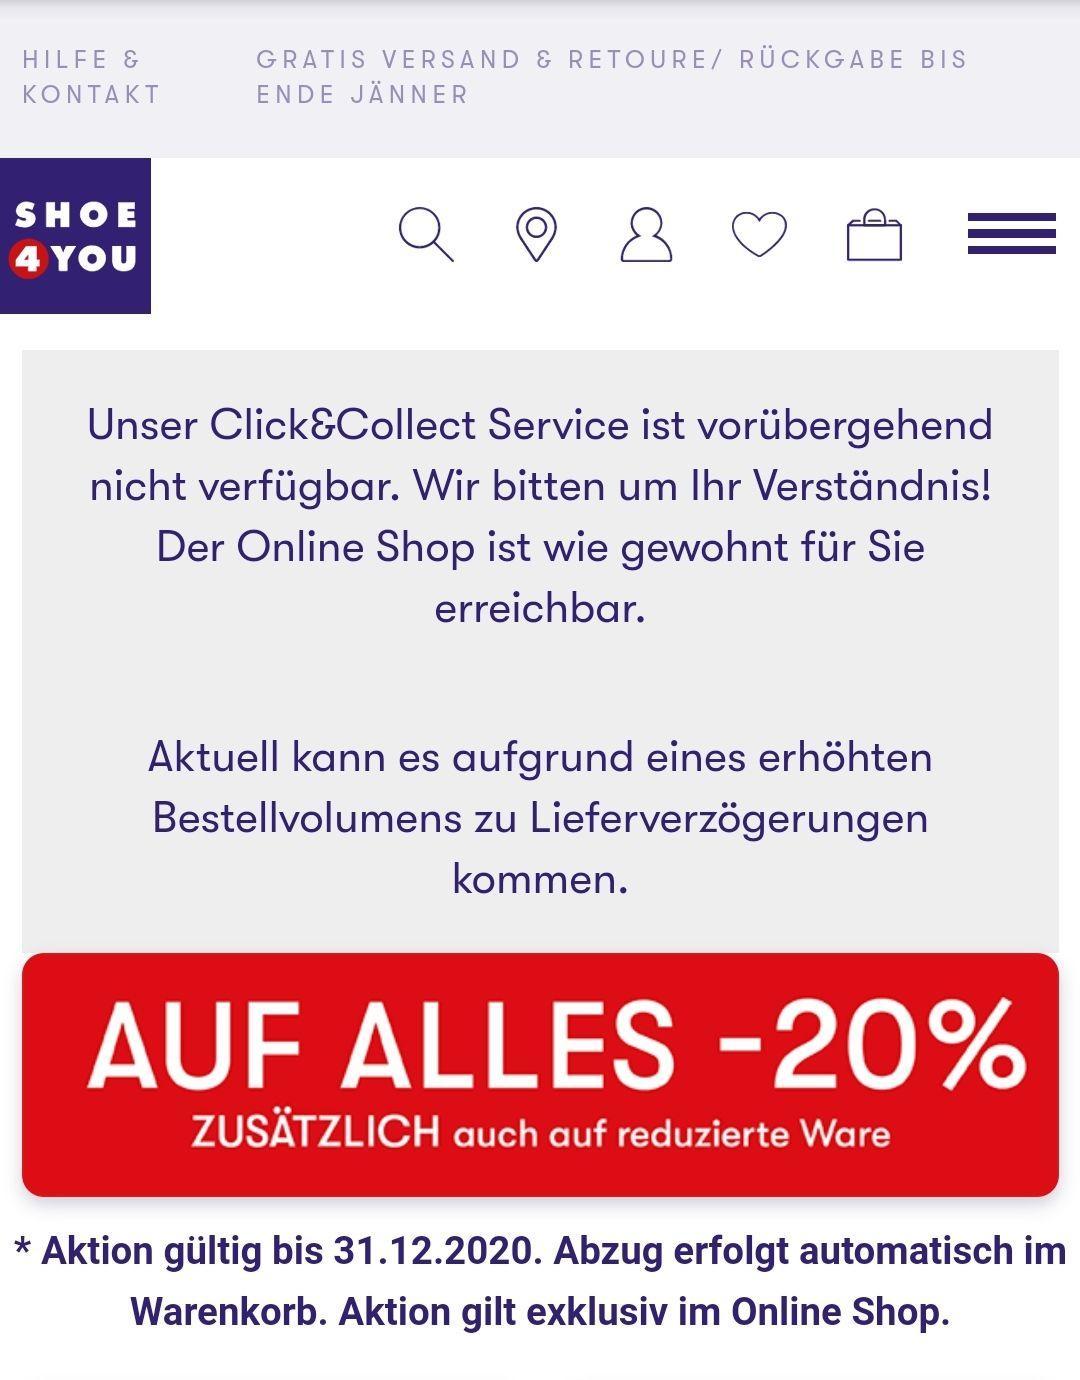 Shoe4you -20% auf Alles (diesmal auch auf reduzierte Ware)